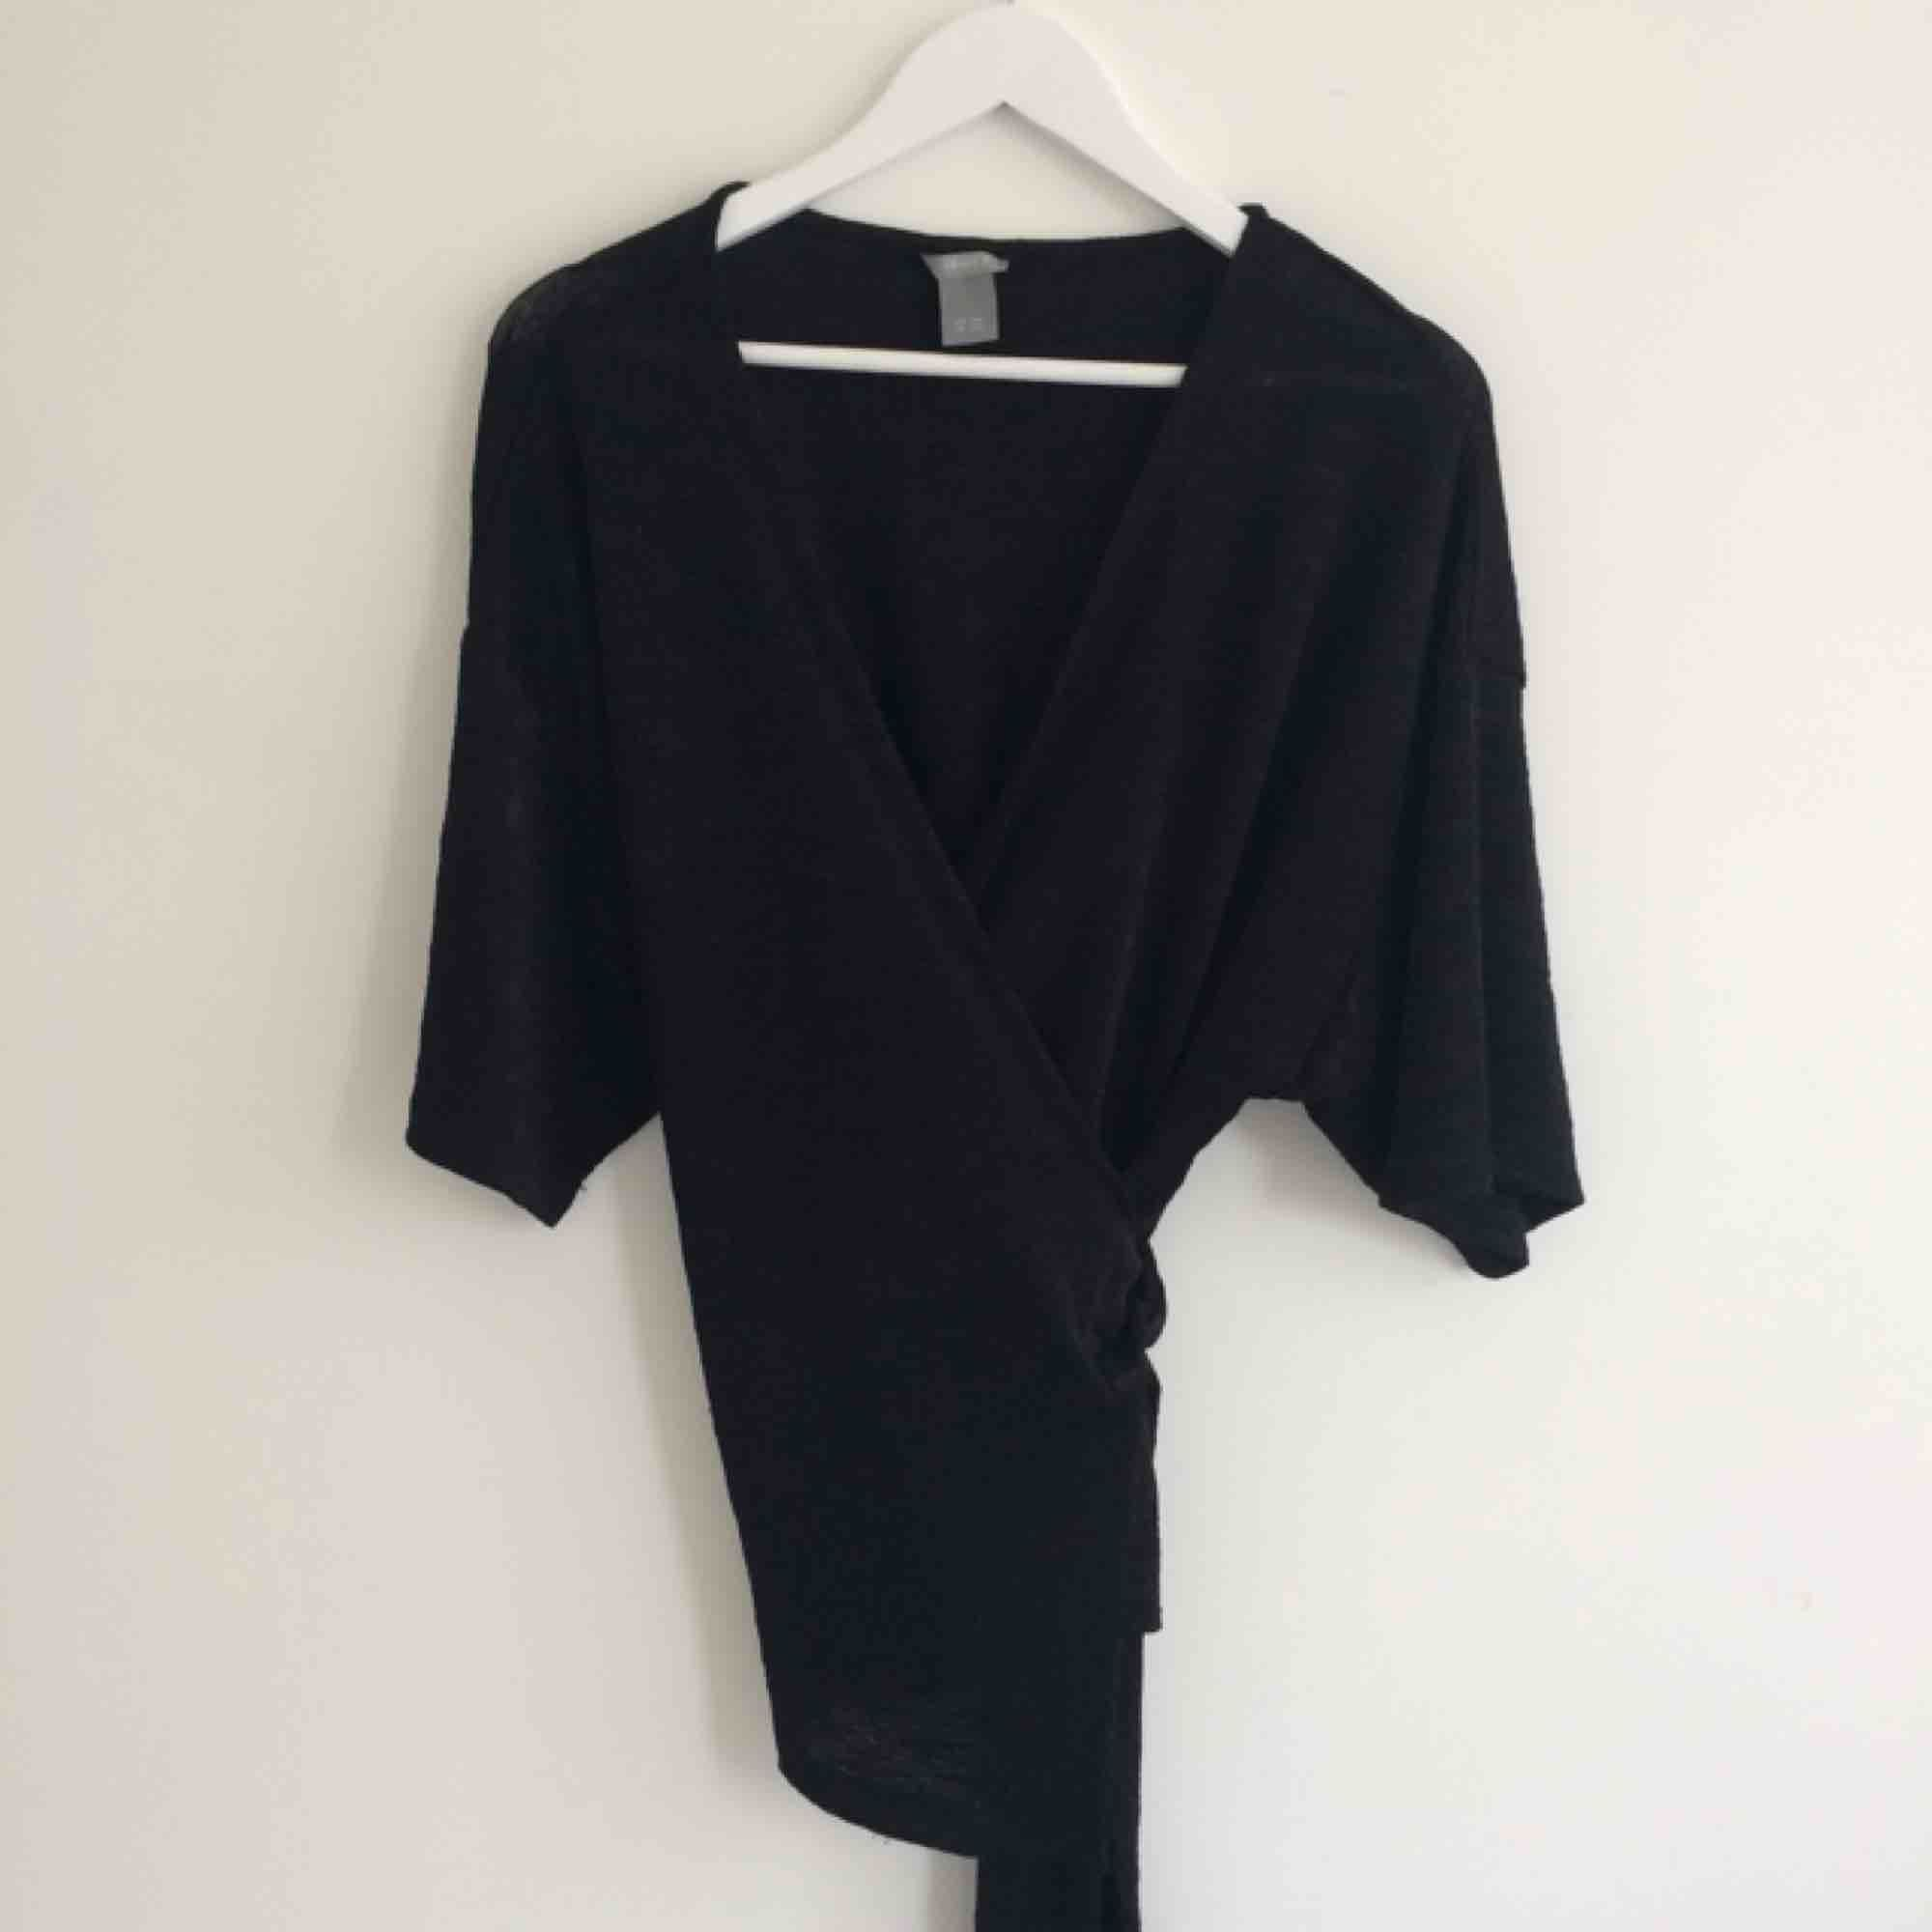 Svart omlottblus/kimono top i skönt material med lite snygg struktur i tyget, se bild 2. Väldigt sparsamt använd! Perfekt till vardags eller festliga tillfällen året runt🌟 . Blusar.